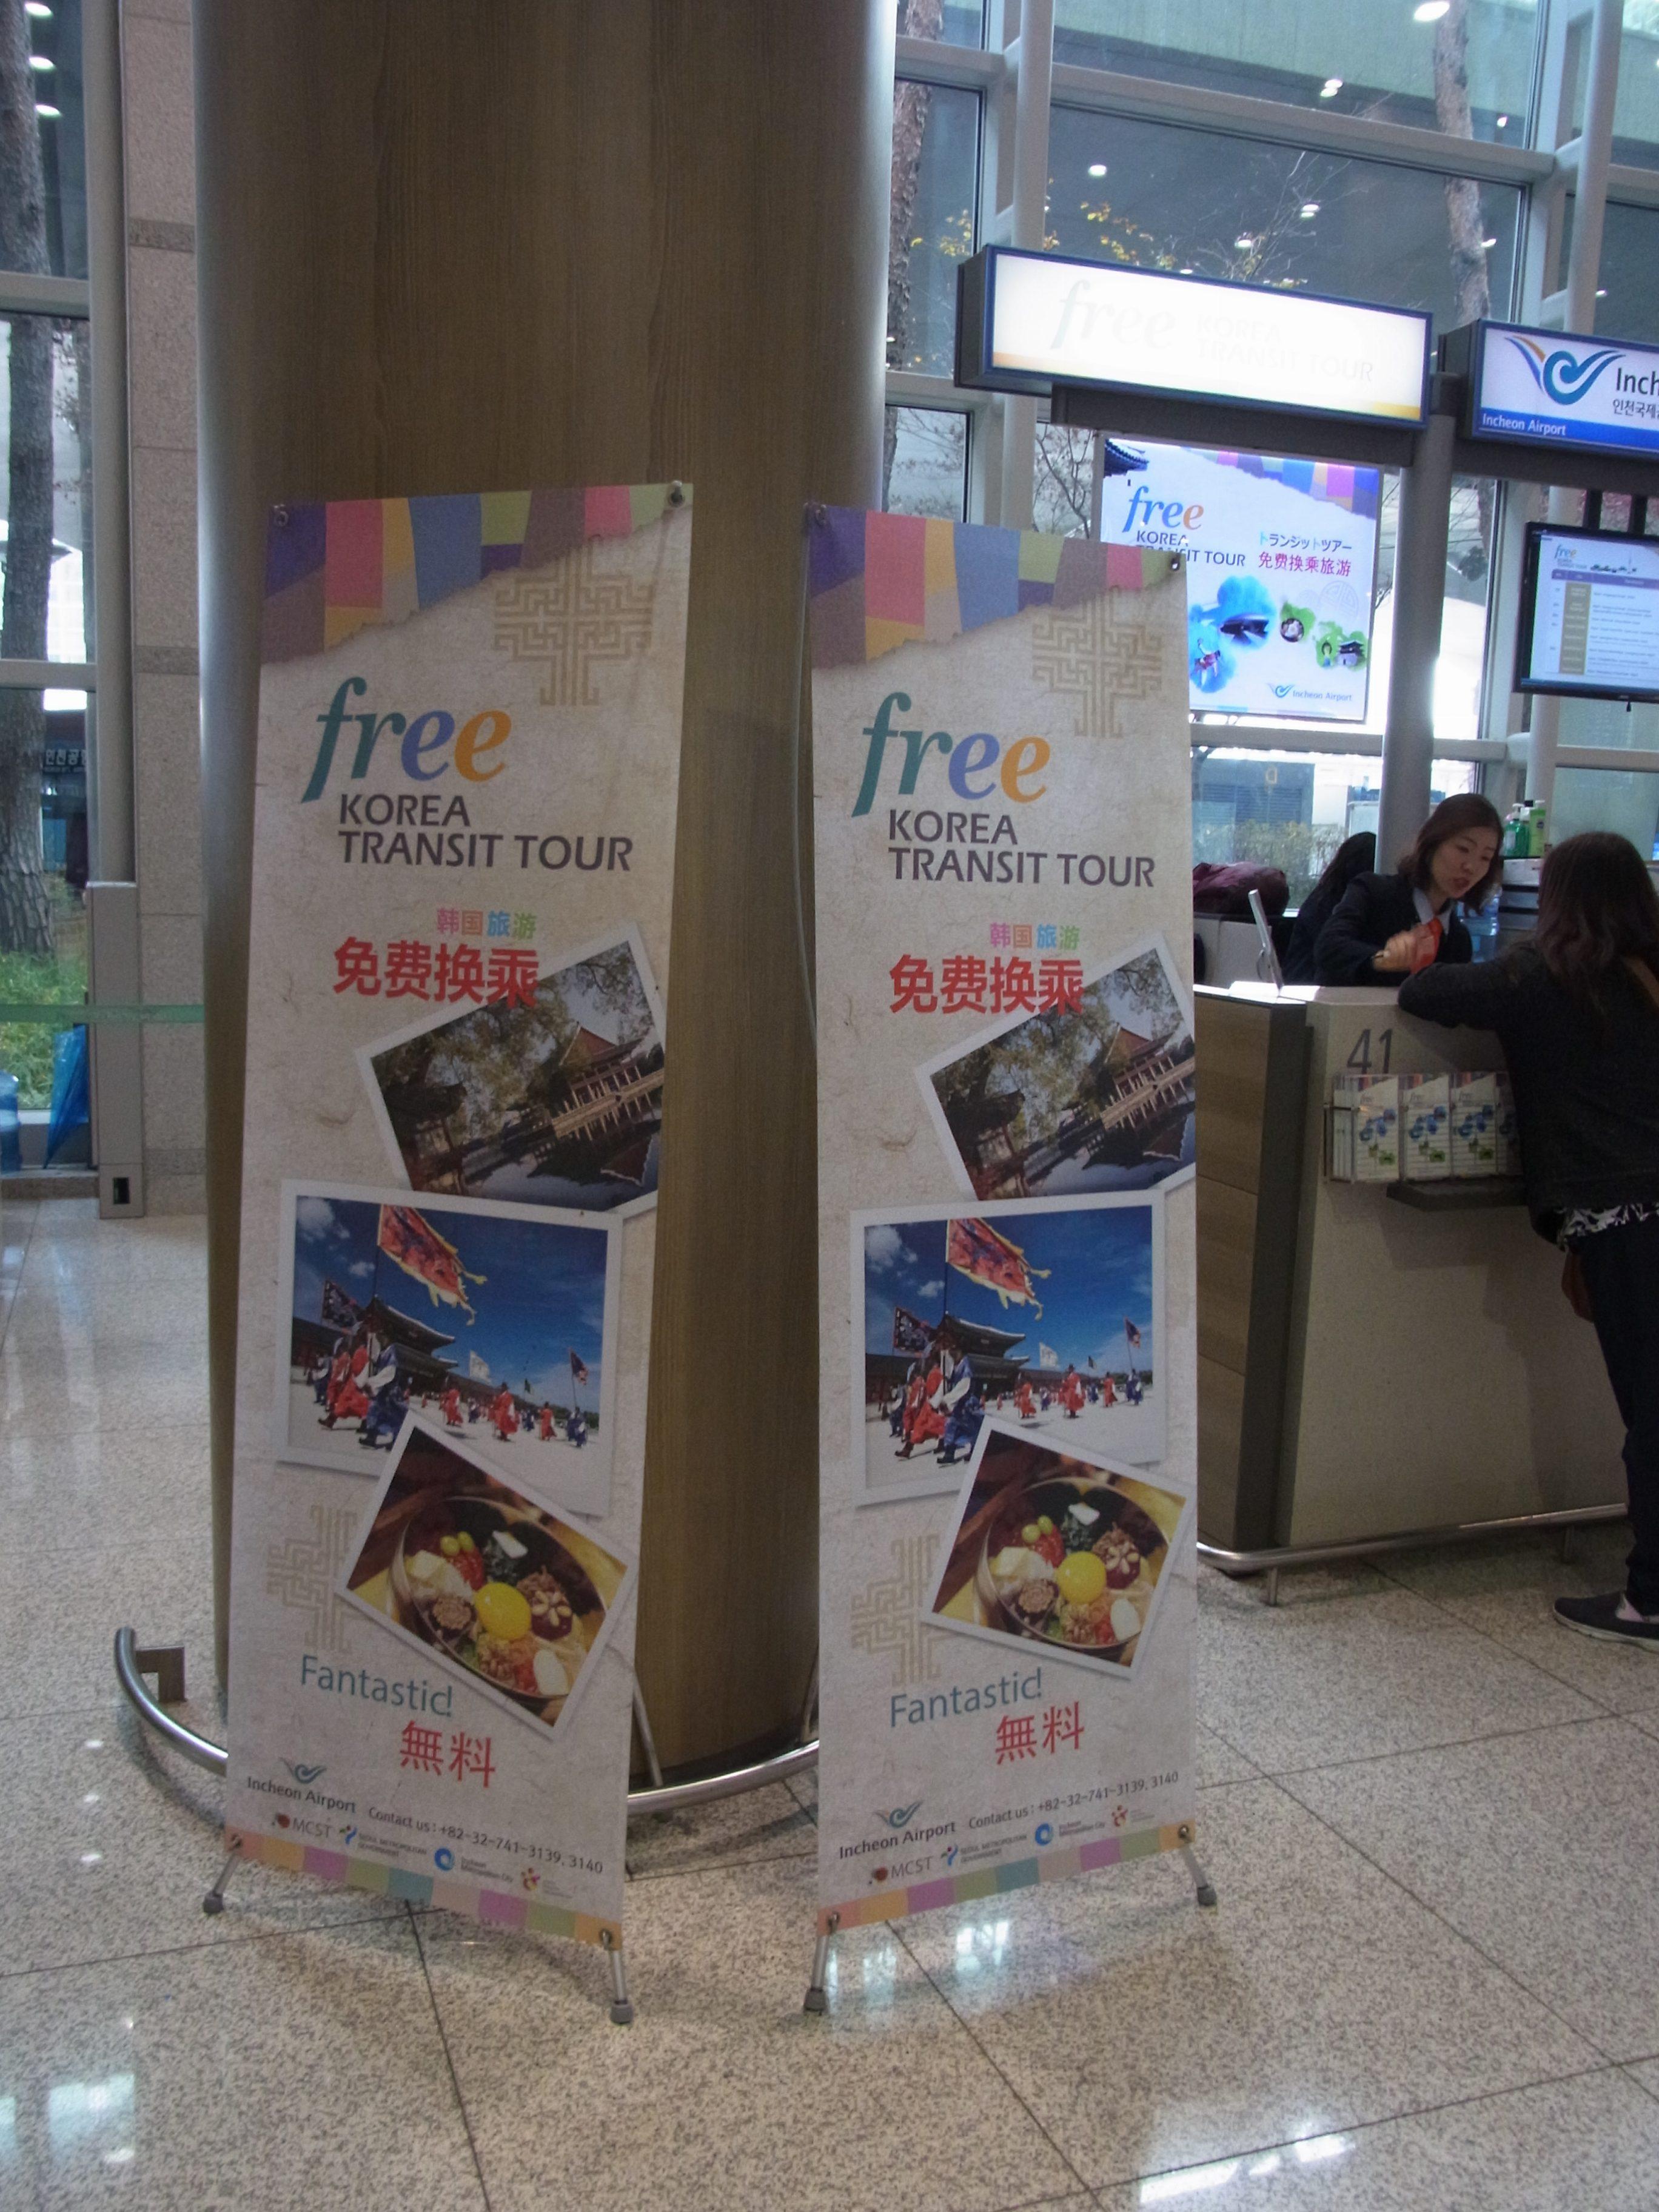 なんと無料!仁川空港の5時間トランジットツアーに参加 その1